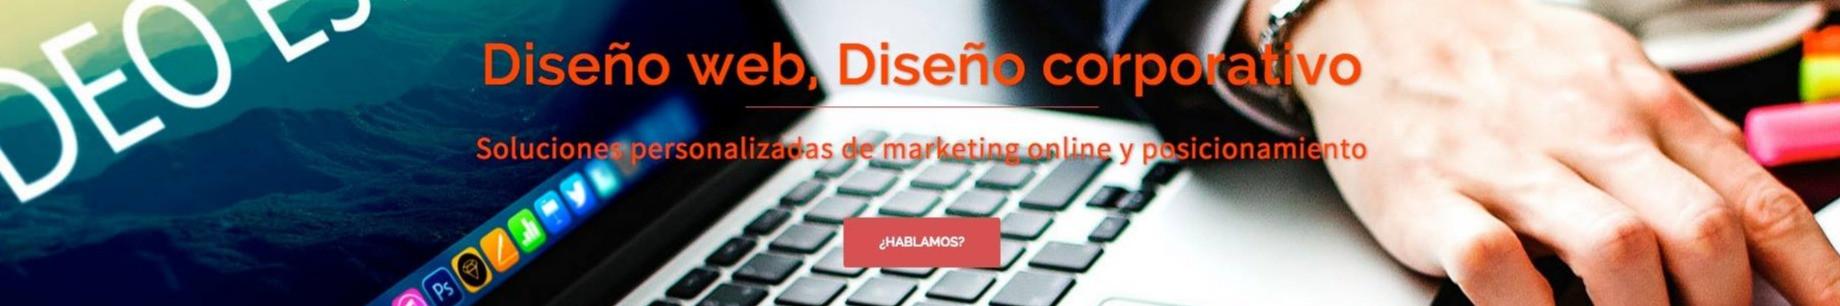 Ideo Estudio Creativo, posicionamiento SEO y diseño web